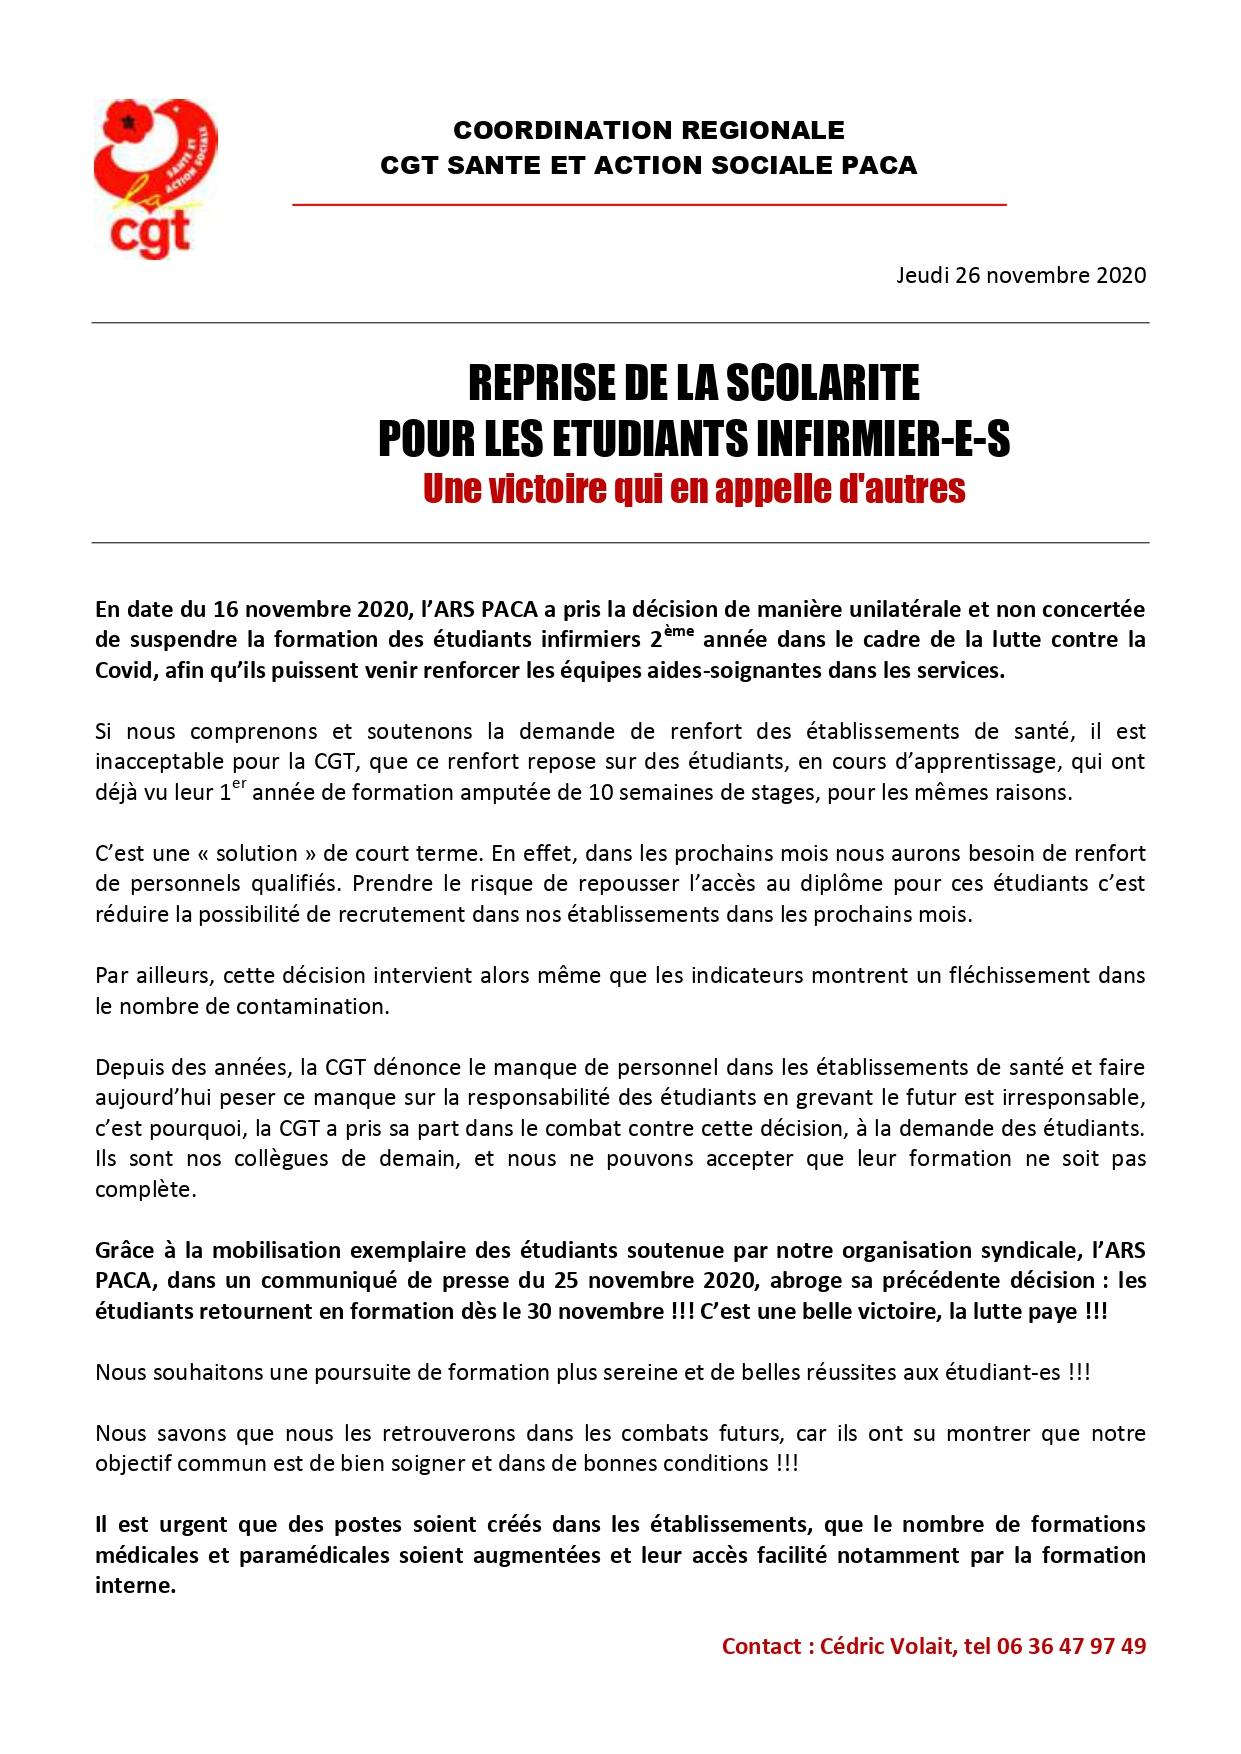 1313. Communiqué CGT Santé PACA étudiants infirmiers